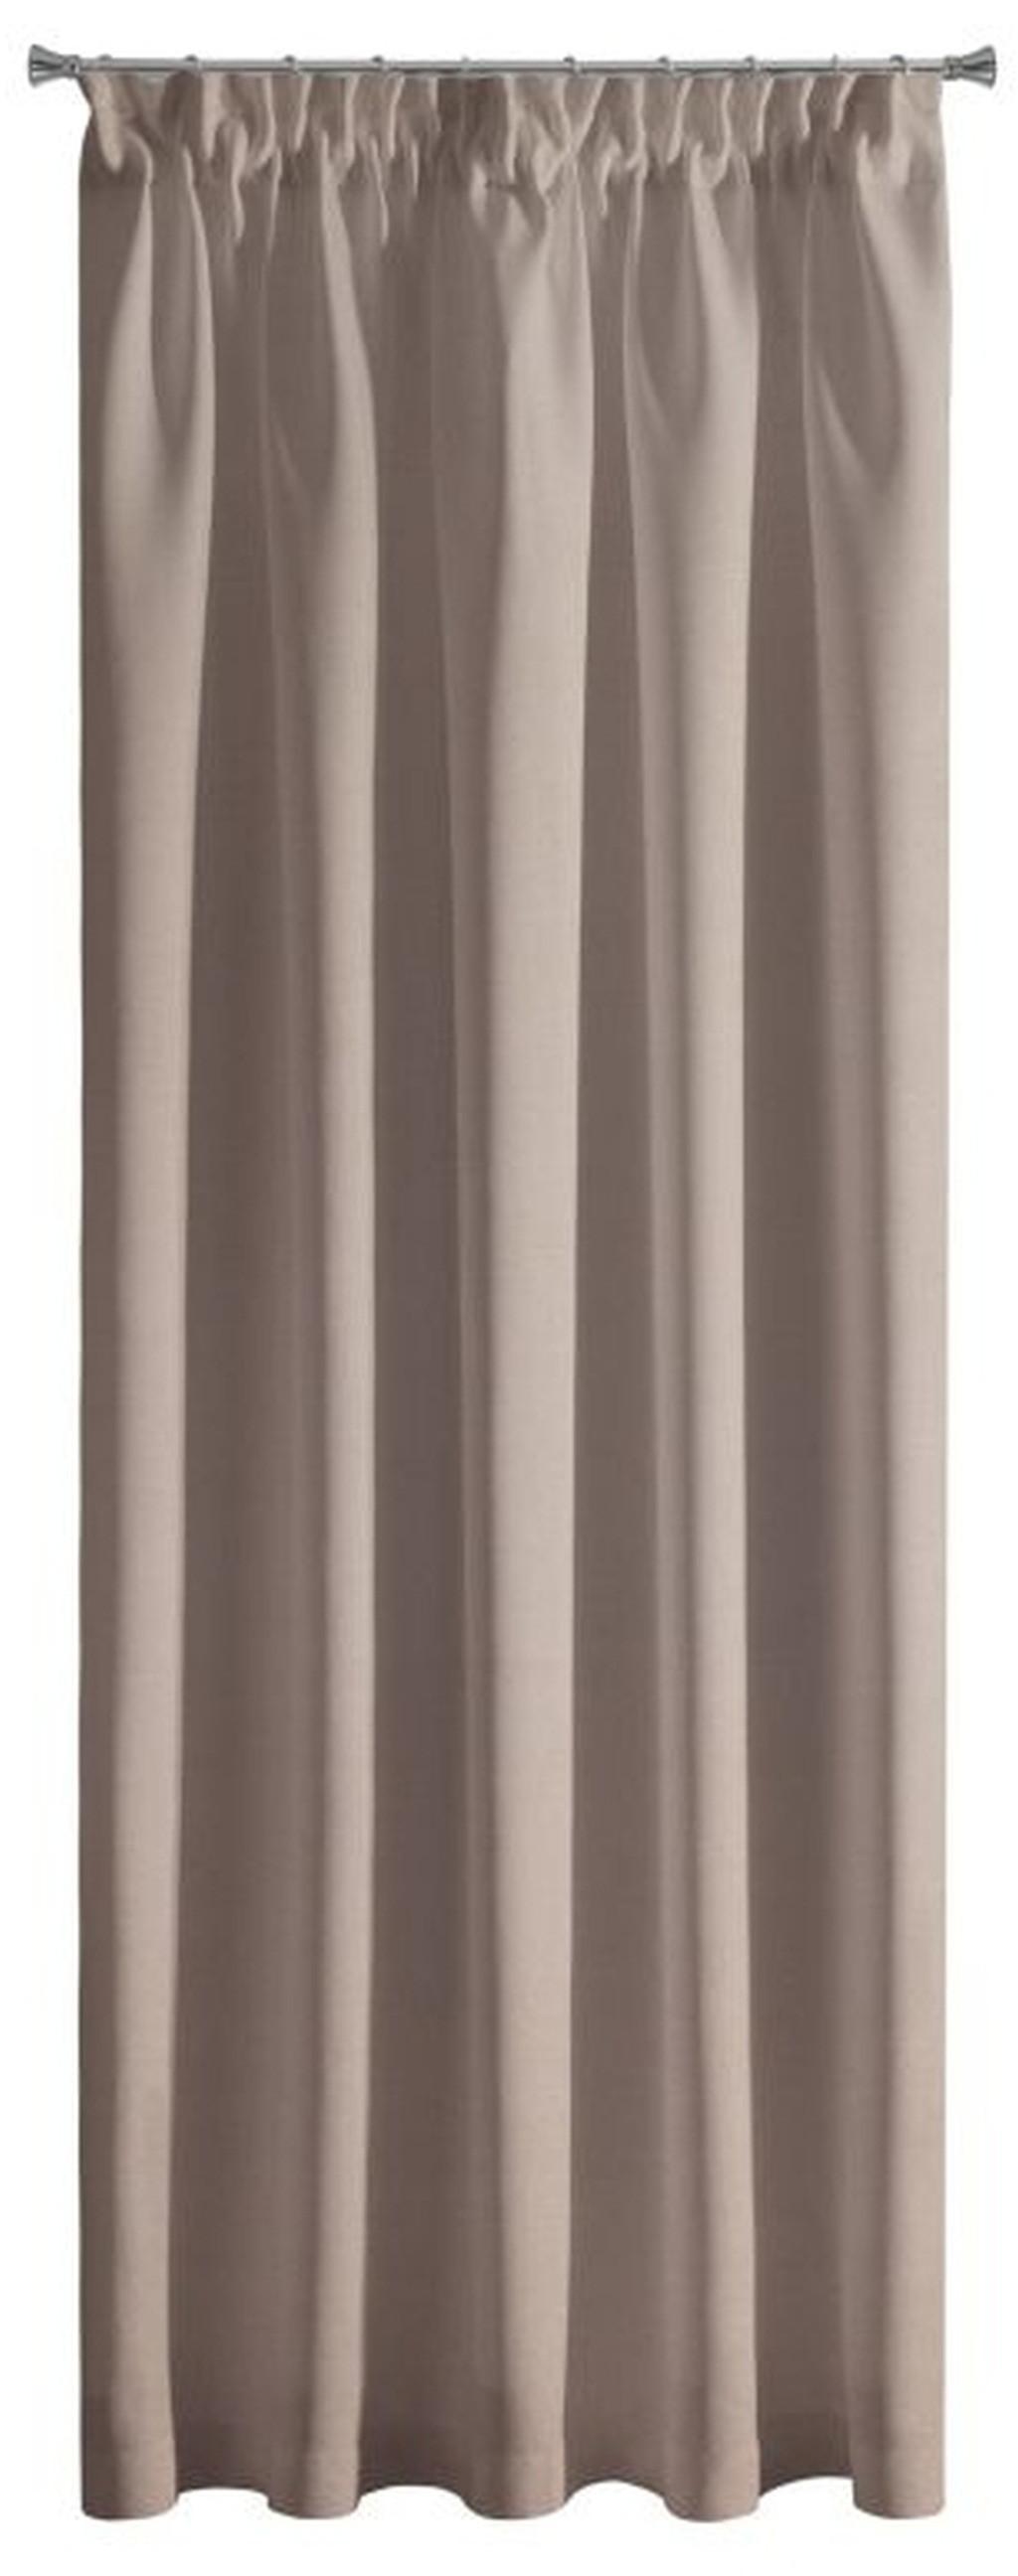 Béžové jednofarebné závesy s riasiacou páskou